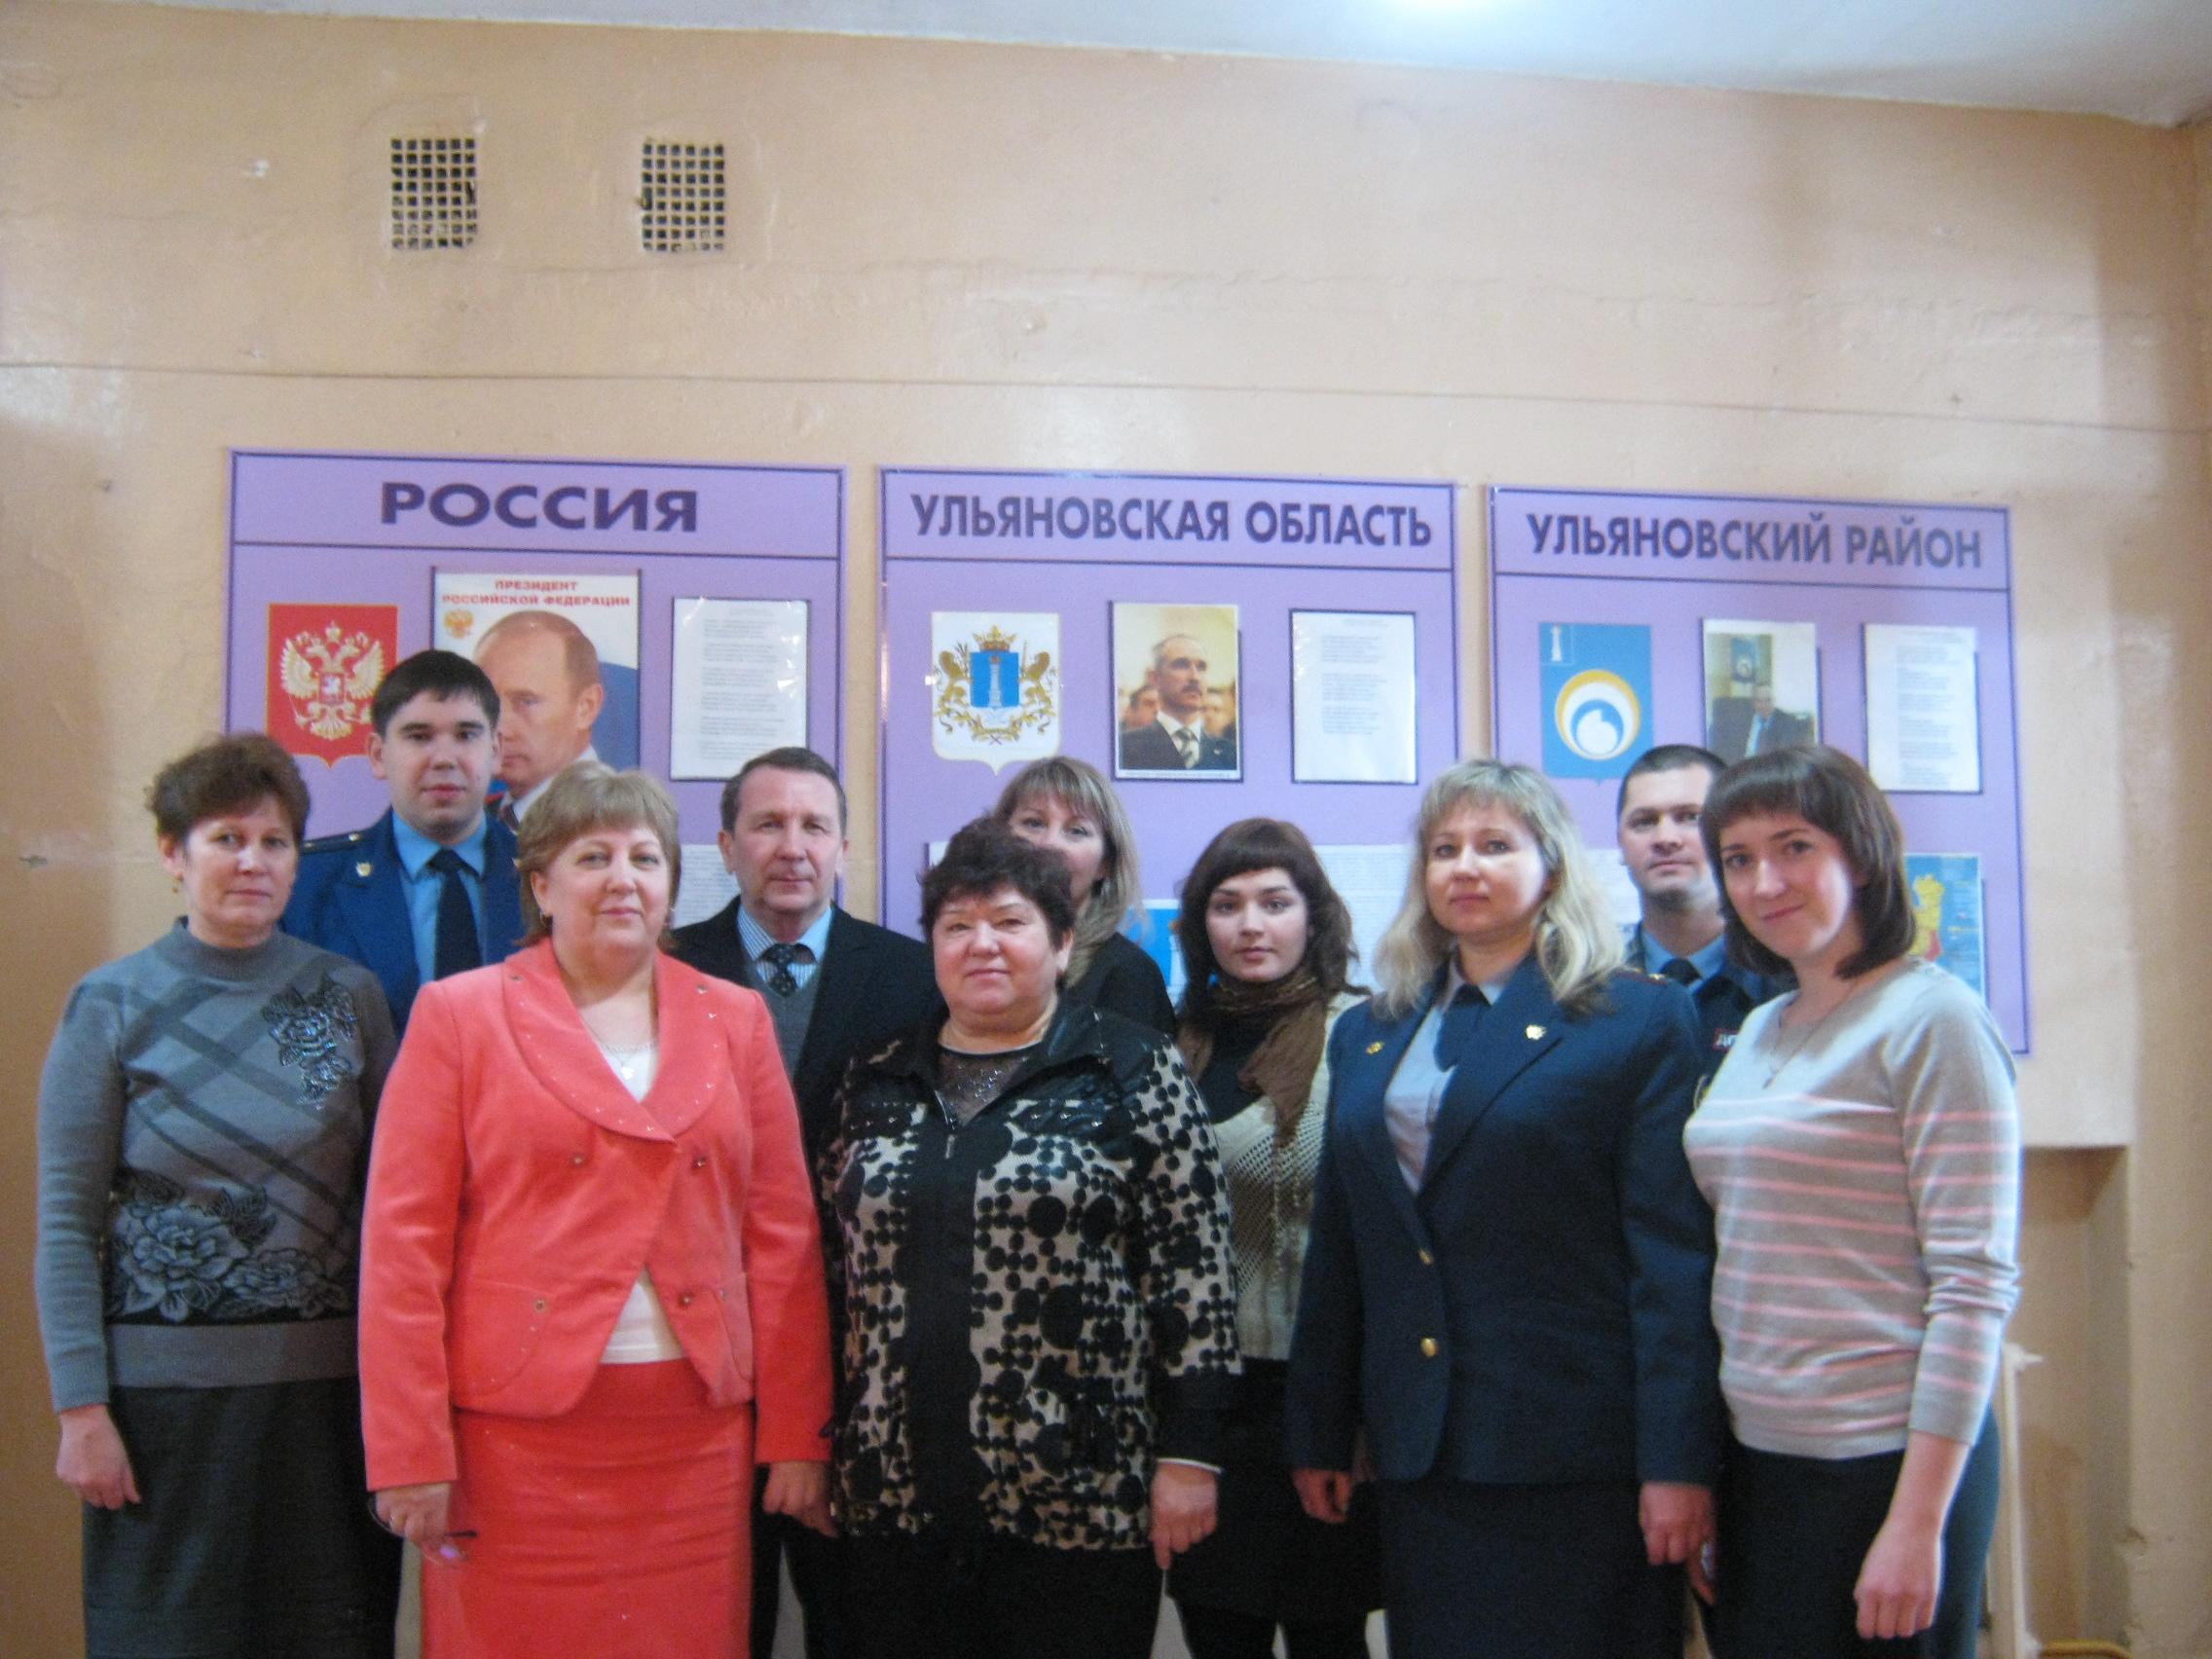 Кодирование от алкогольной зависимости - Новосибирск от